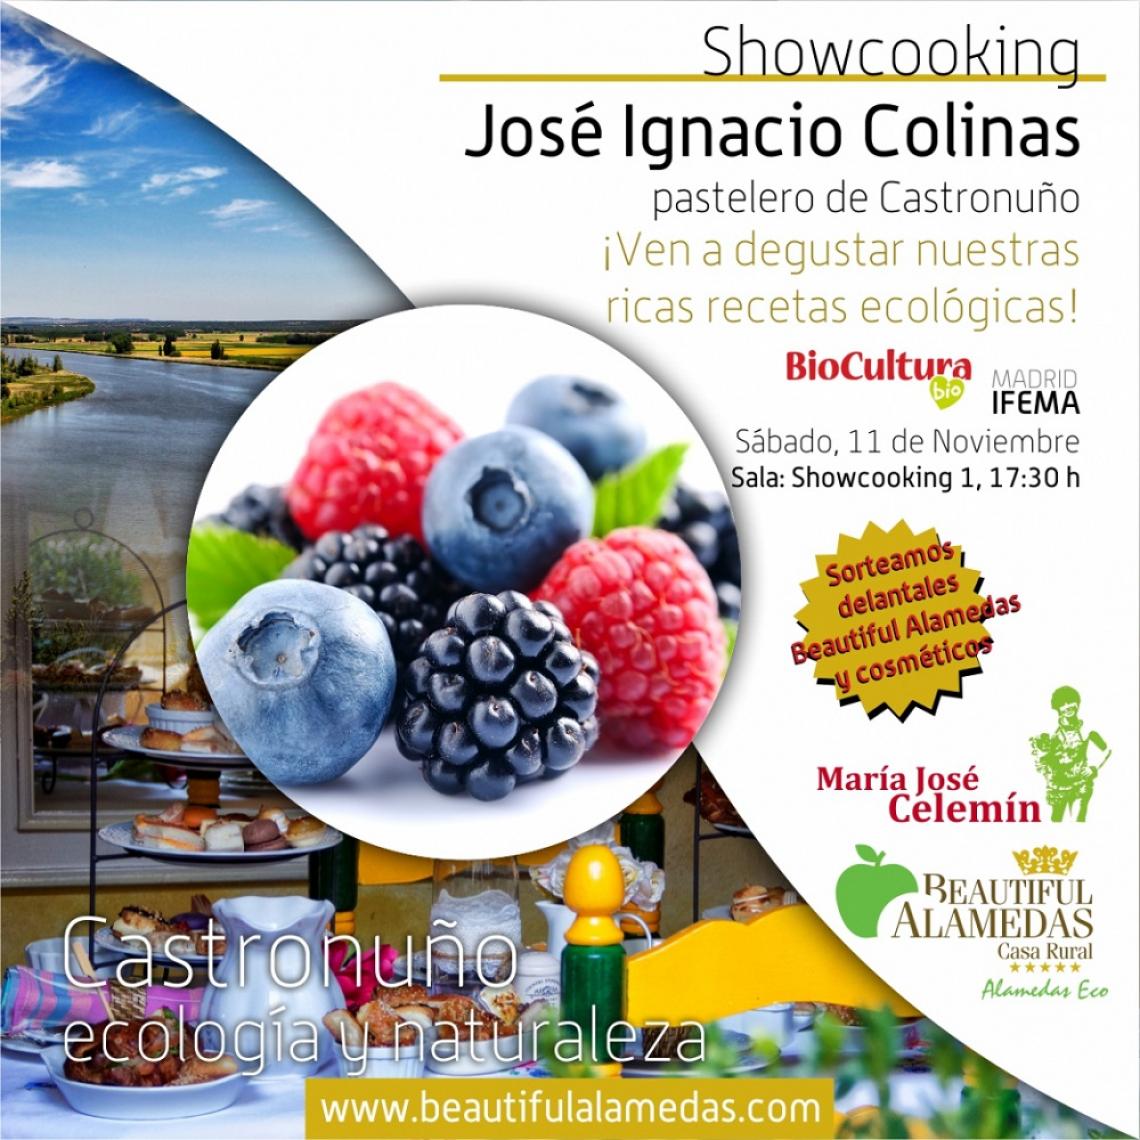 casas rurales ecológicas Valladolid, Castilla y León, ecotur, comidas, cenas, menús, desayunos orgánicos, ecoturismo, agroturismo, eco-enoturismo, desarrollo sostenible, reserva, parque natural riberas de castronuño-vega del duero